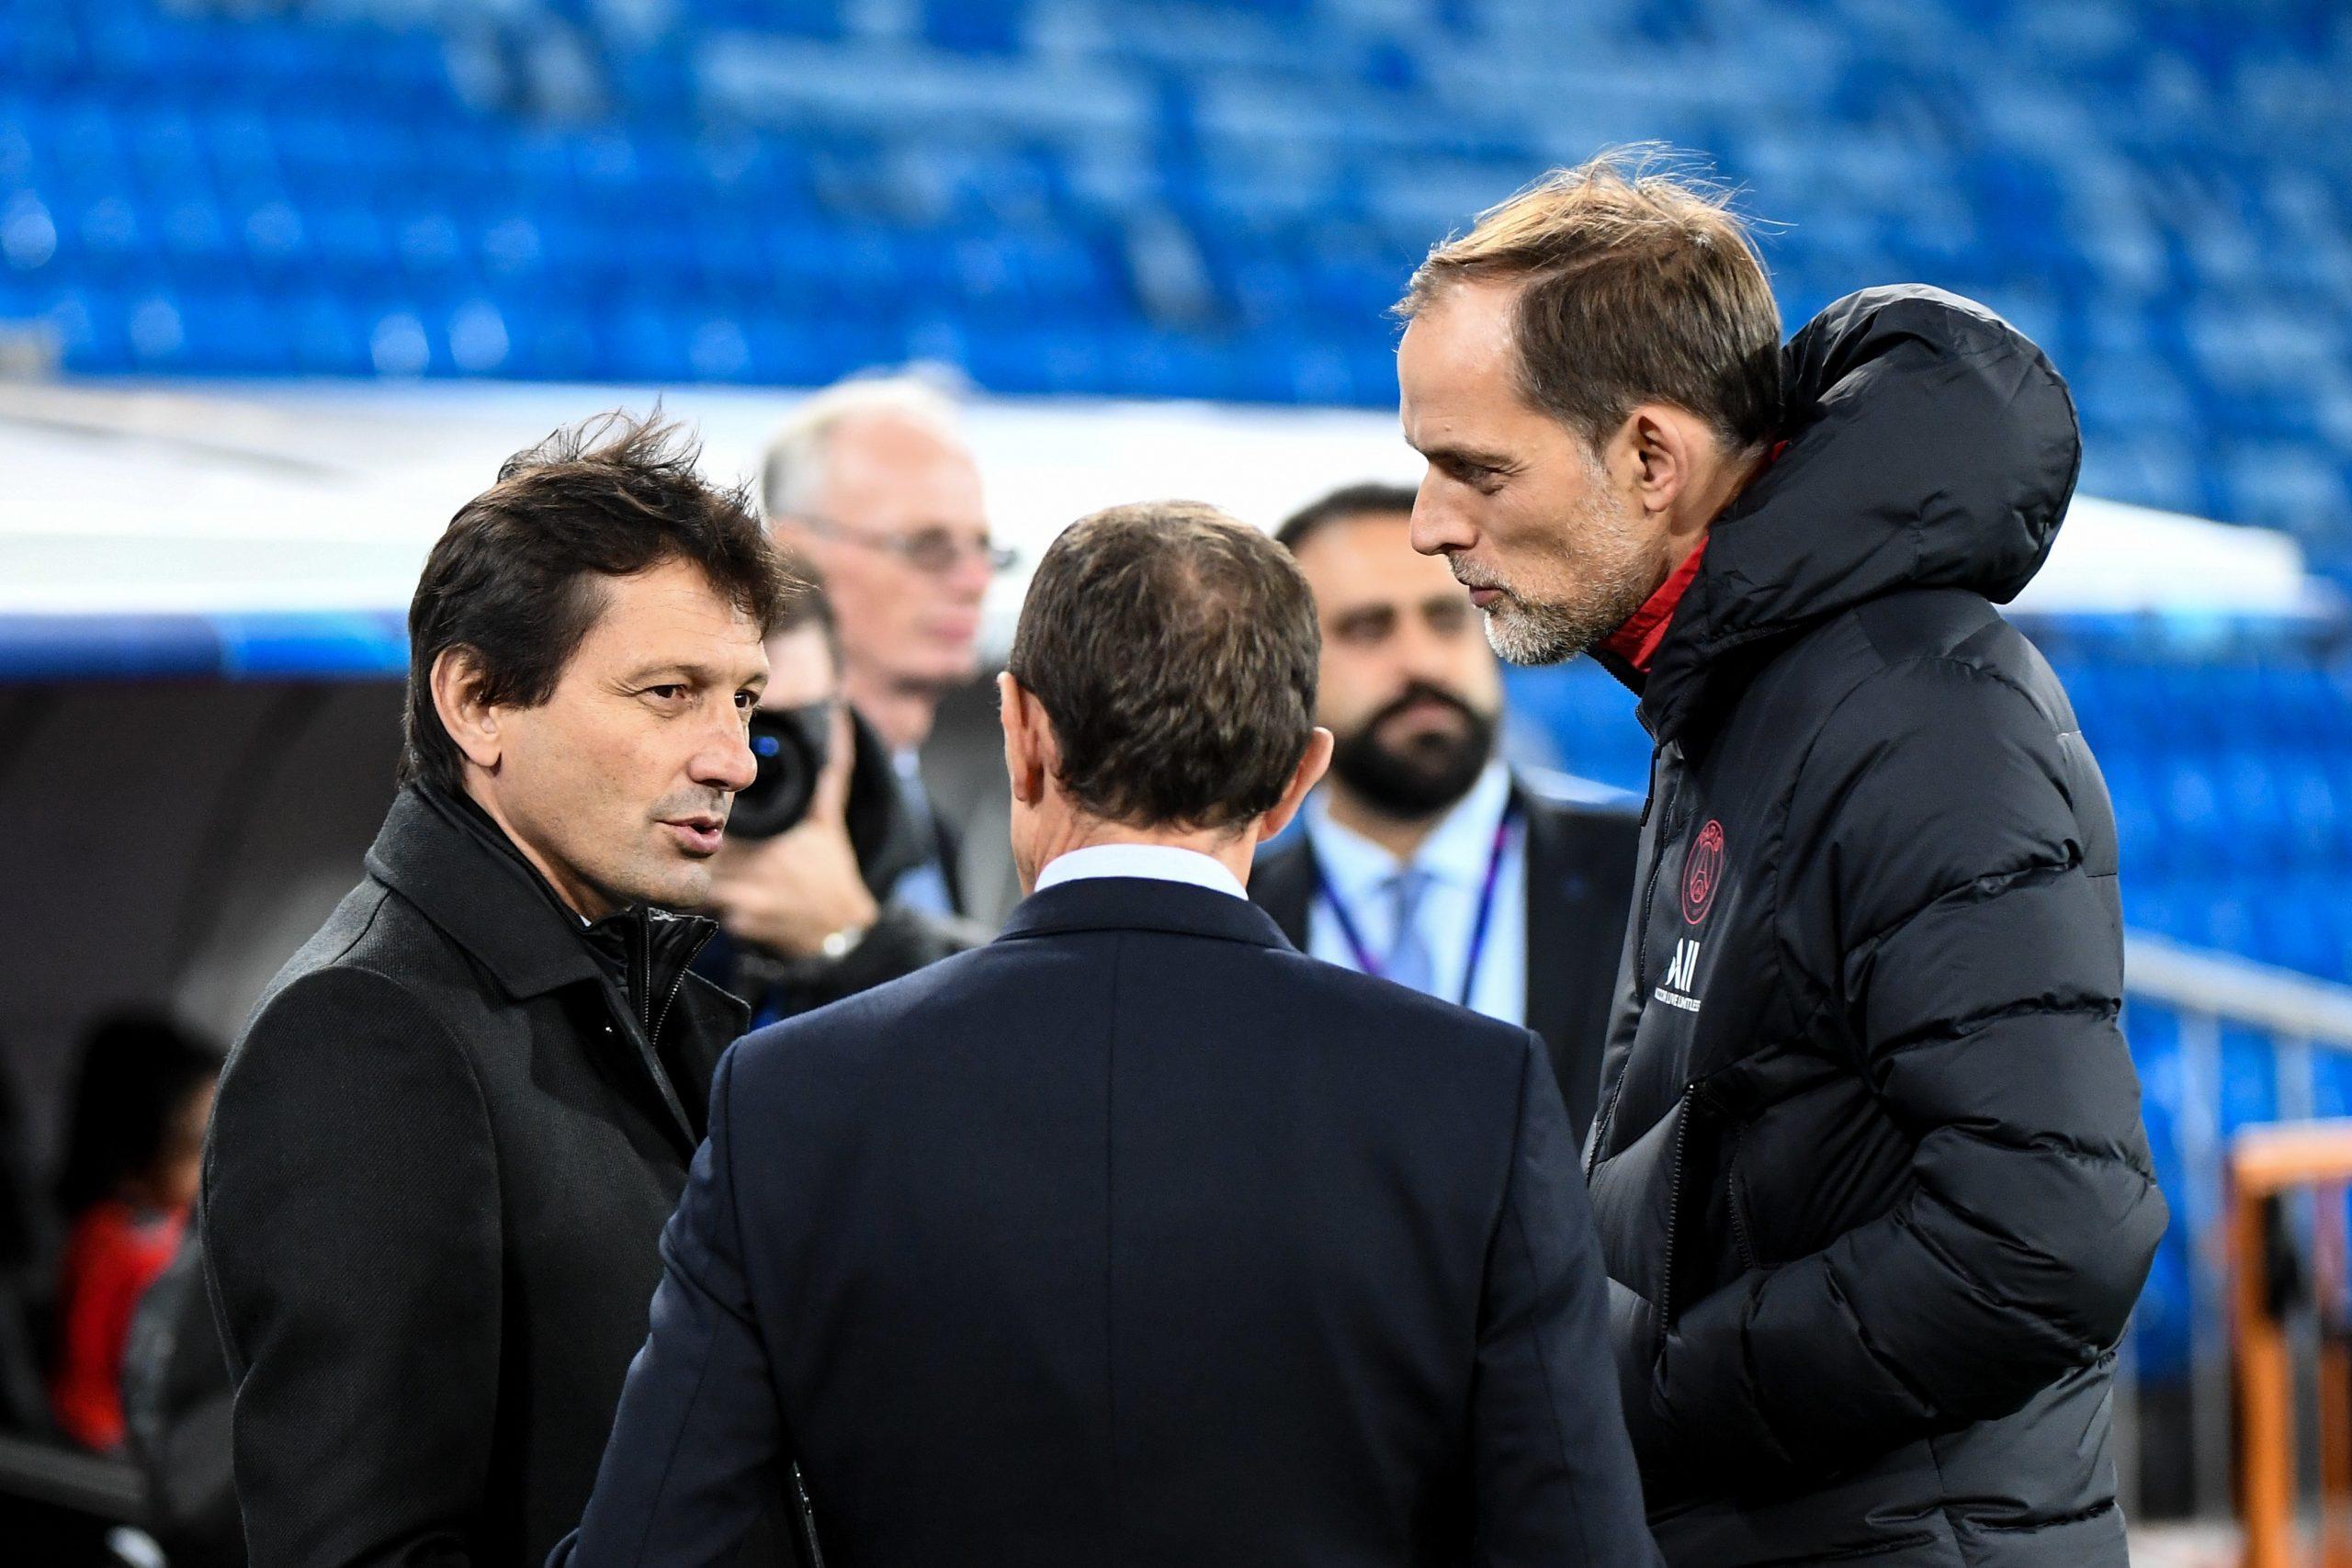 """Tuchel et Leonardo ont une relation """"cordiale"""" malgré quelques désaccords, assure RMC Sport"""